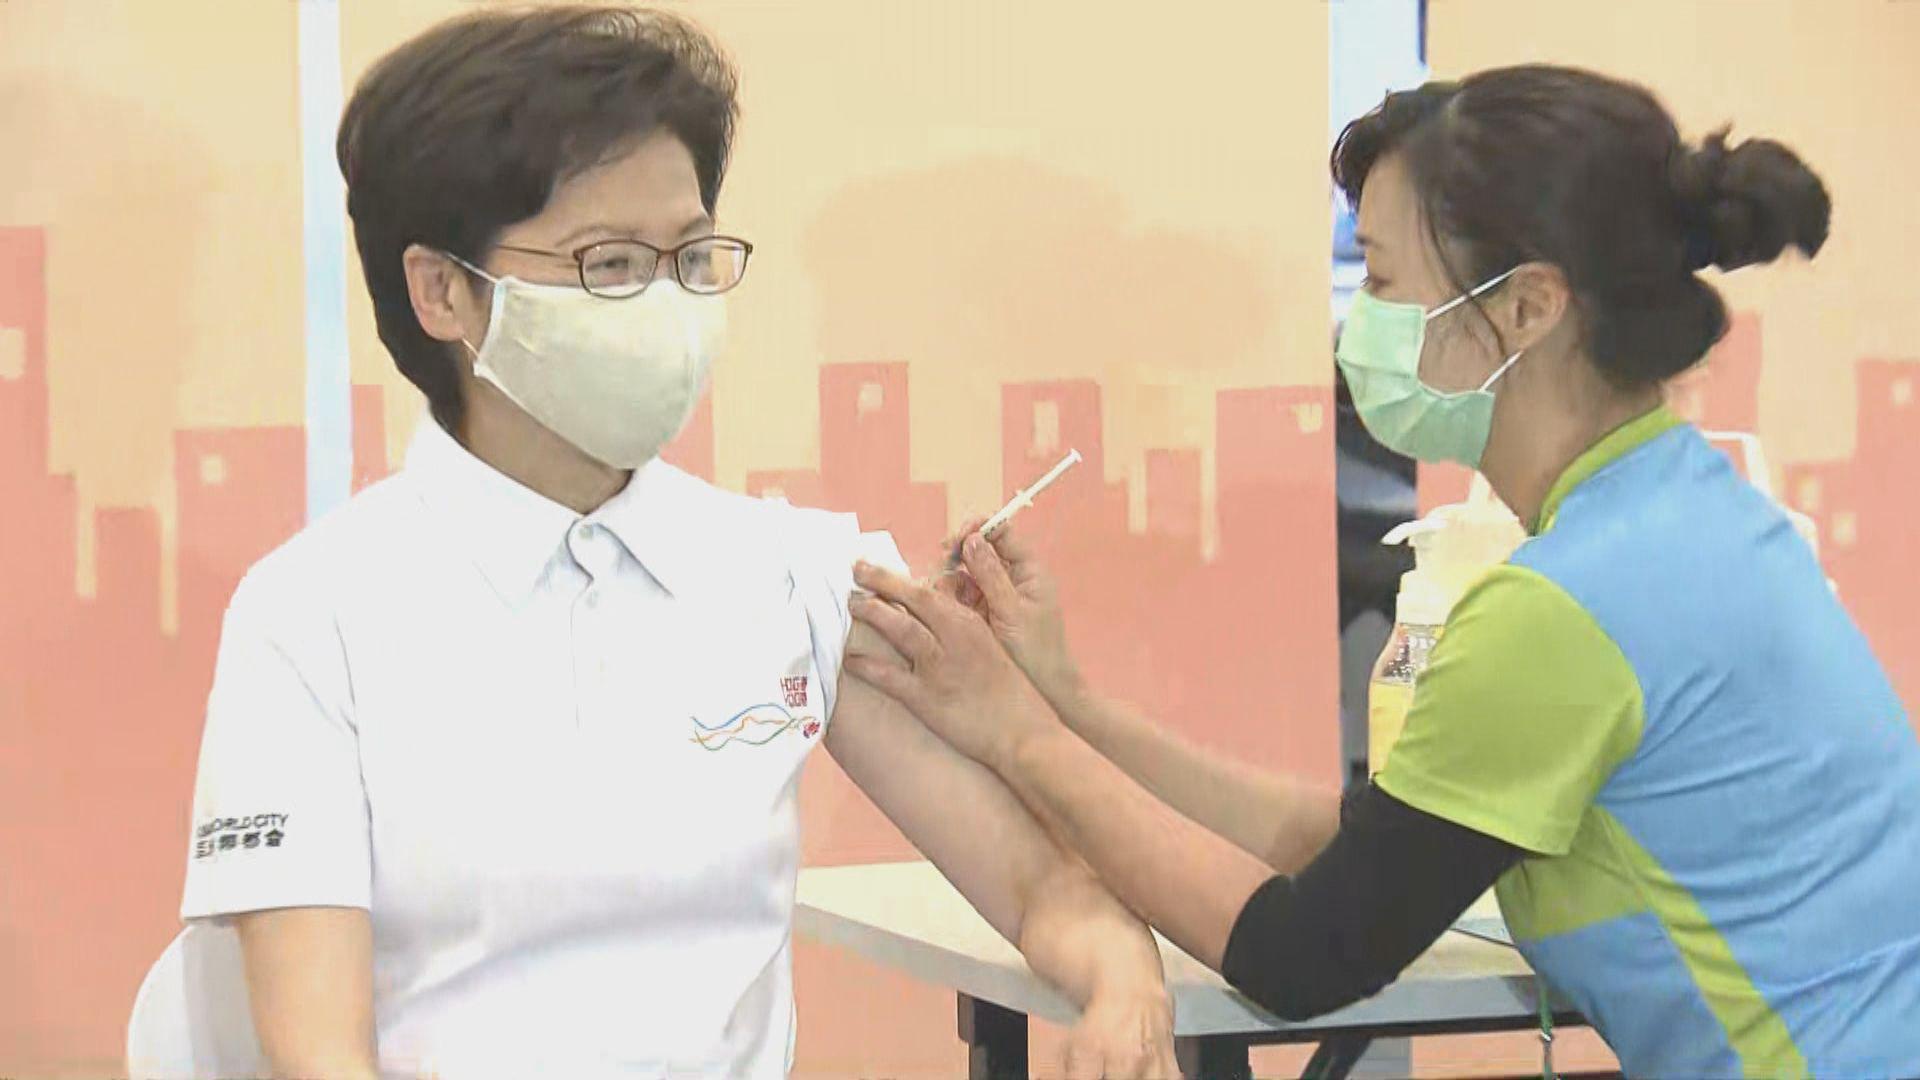 行政長官及多名司局長接種科興疫苗